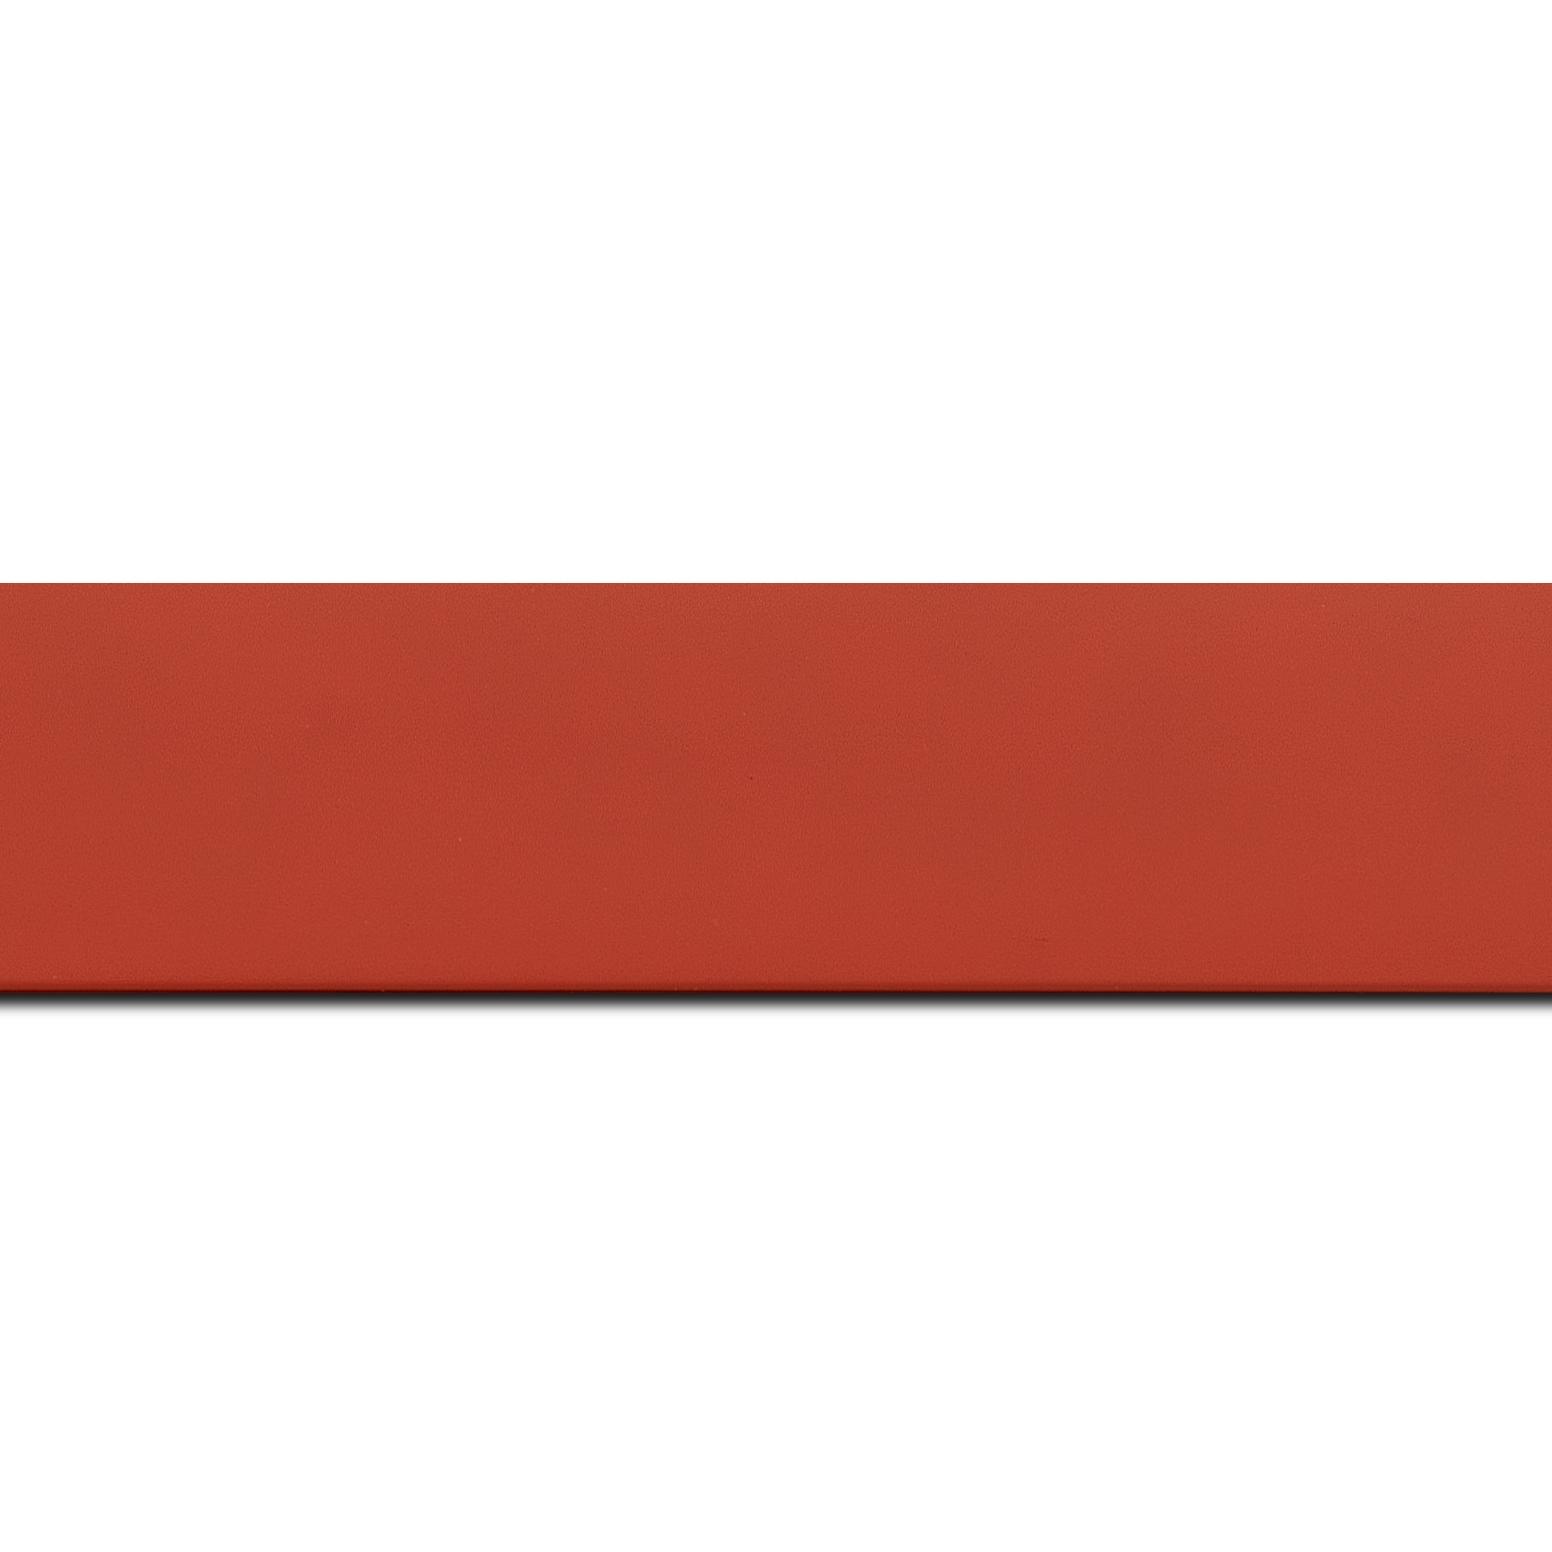 Pack par 12m, bois profil plat largeur 3.9cm couleur rouge mat (longueur baguette pouvant varier entre 2.40m et 3m selon arrivage des bois)